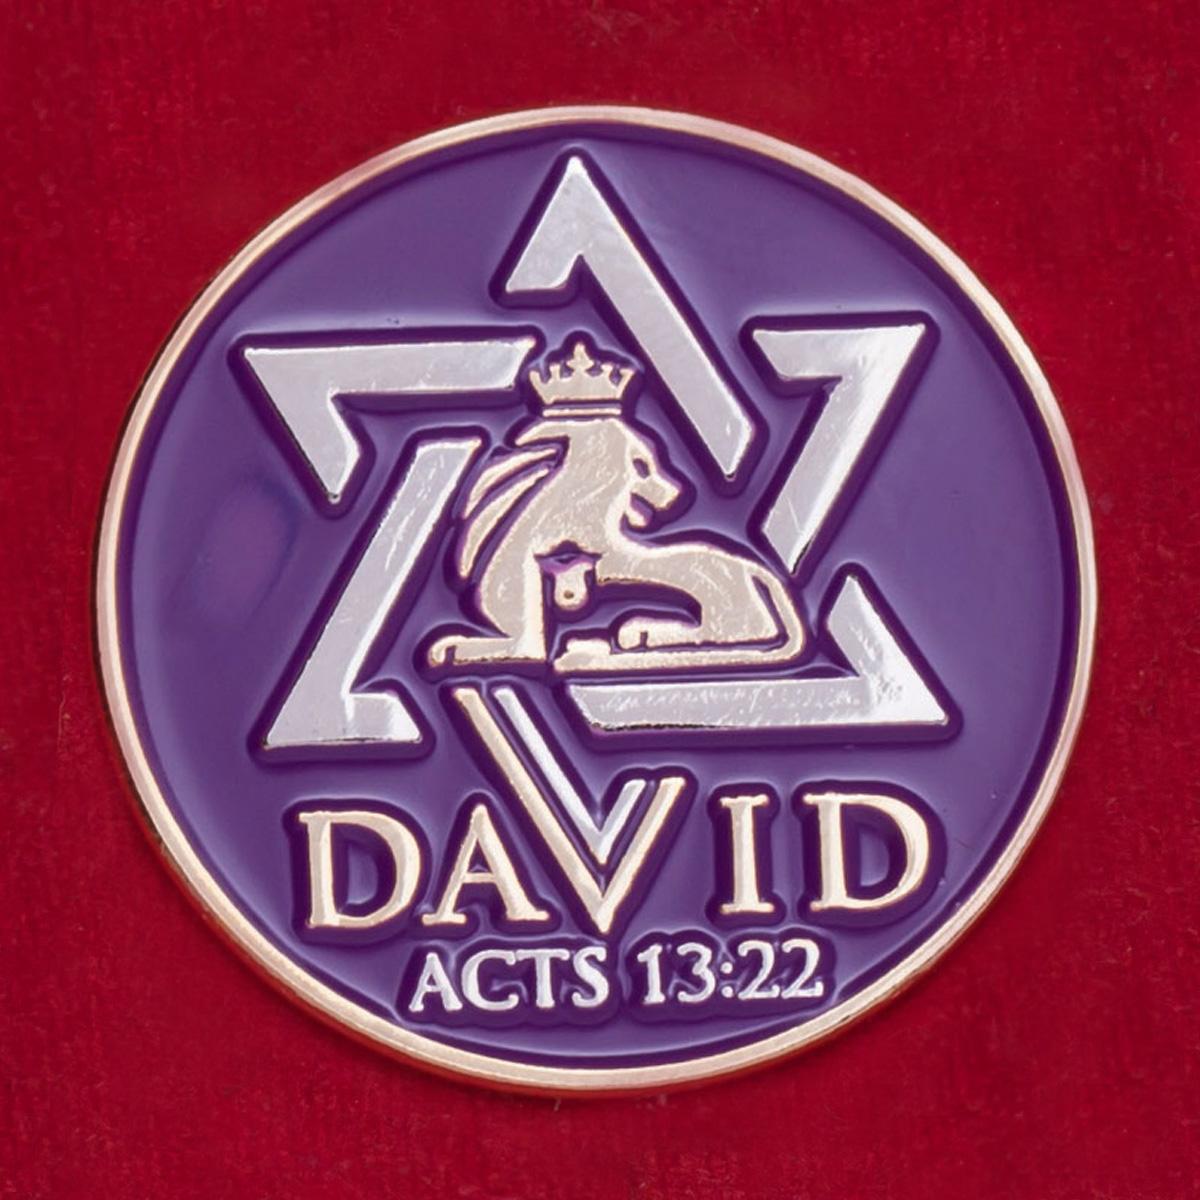 Значок со звездой Давида Деяния св. апостолов 13:22